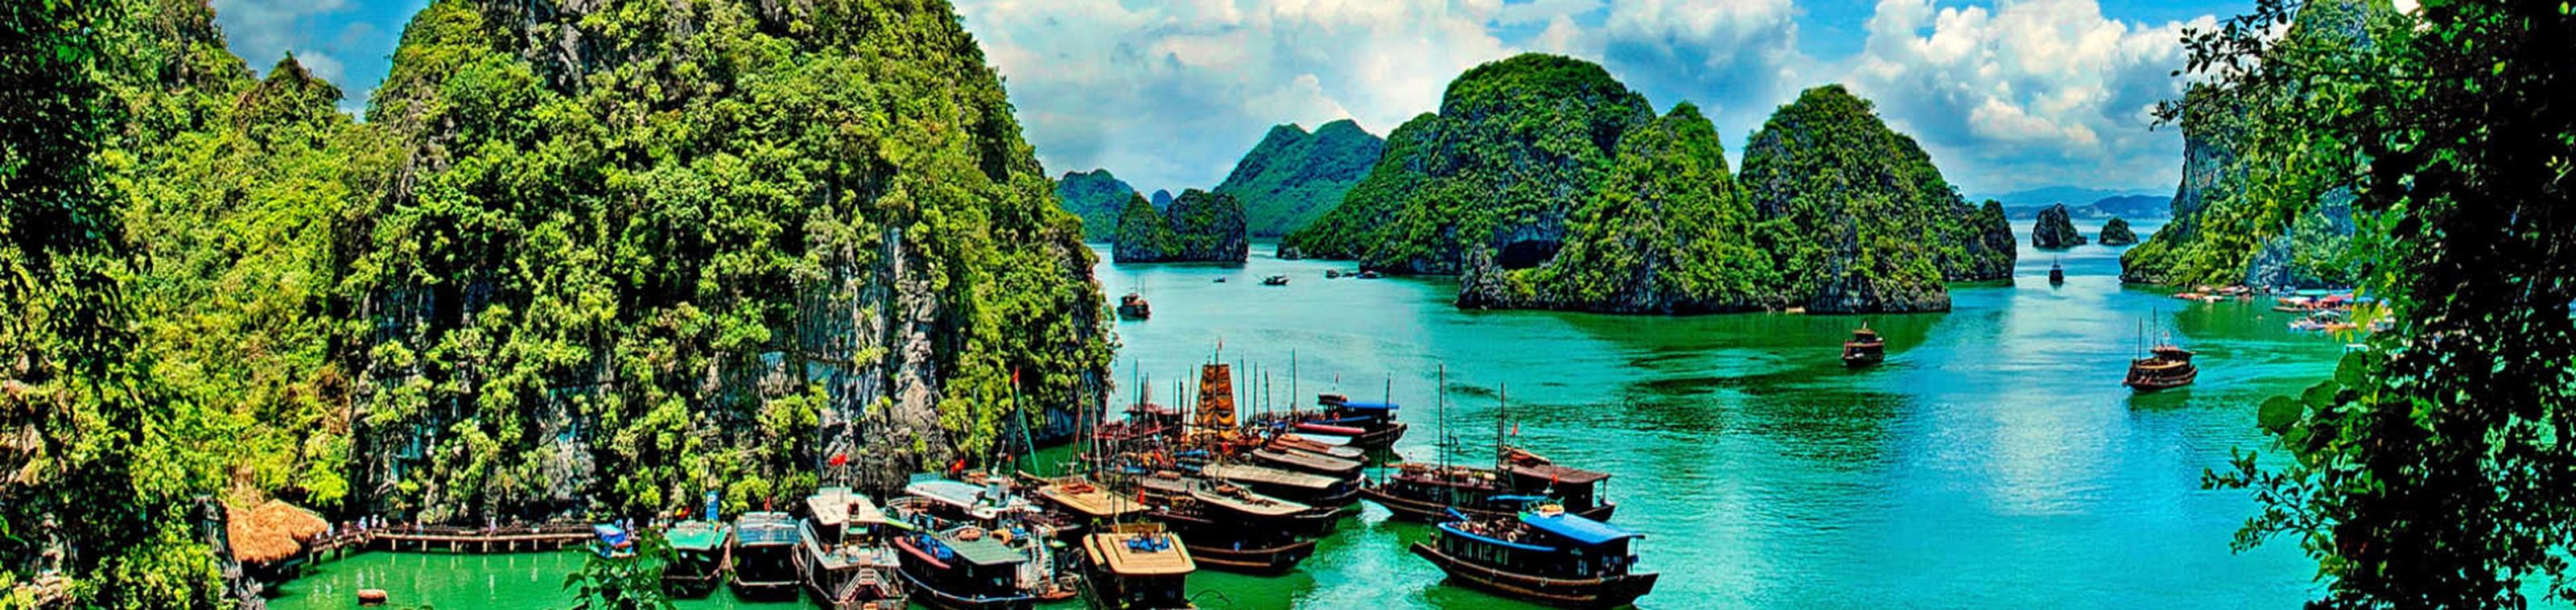 Thailand main destinations tour